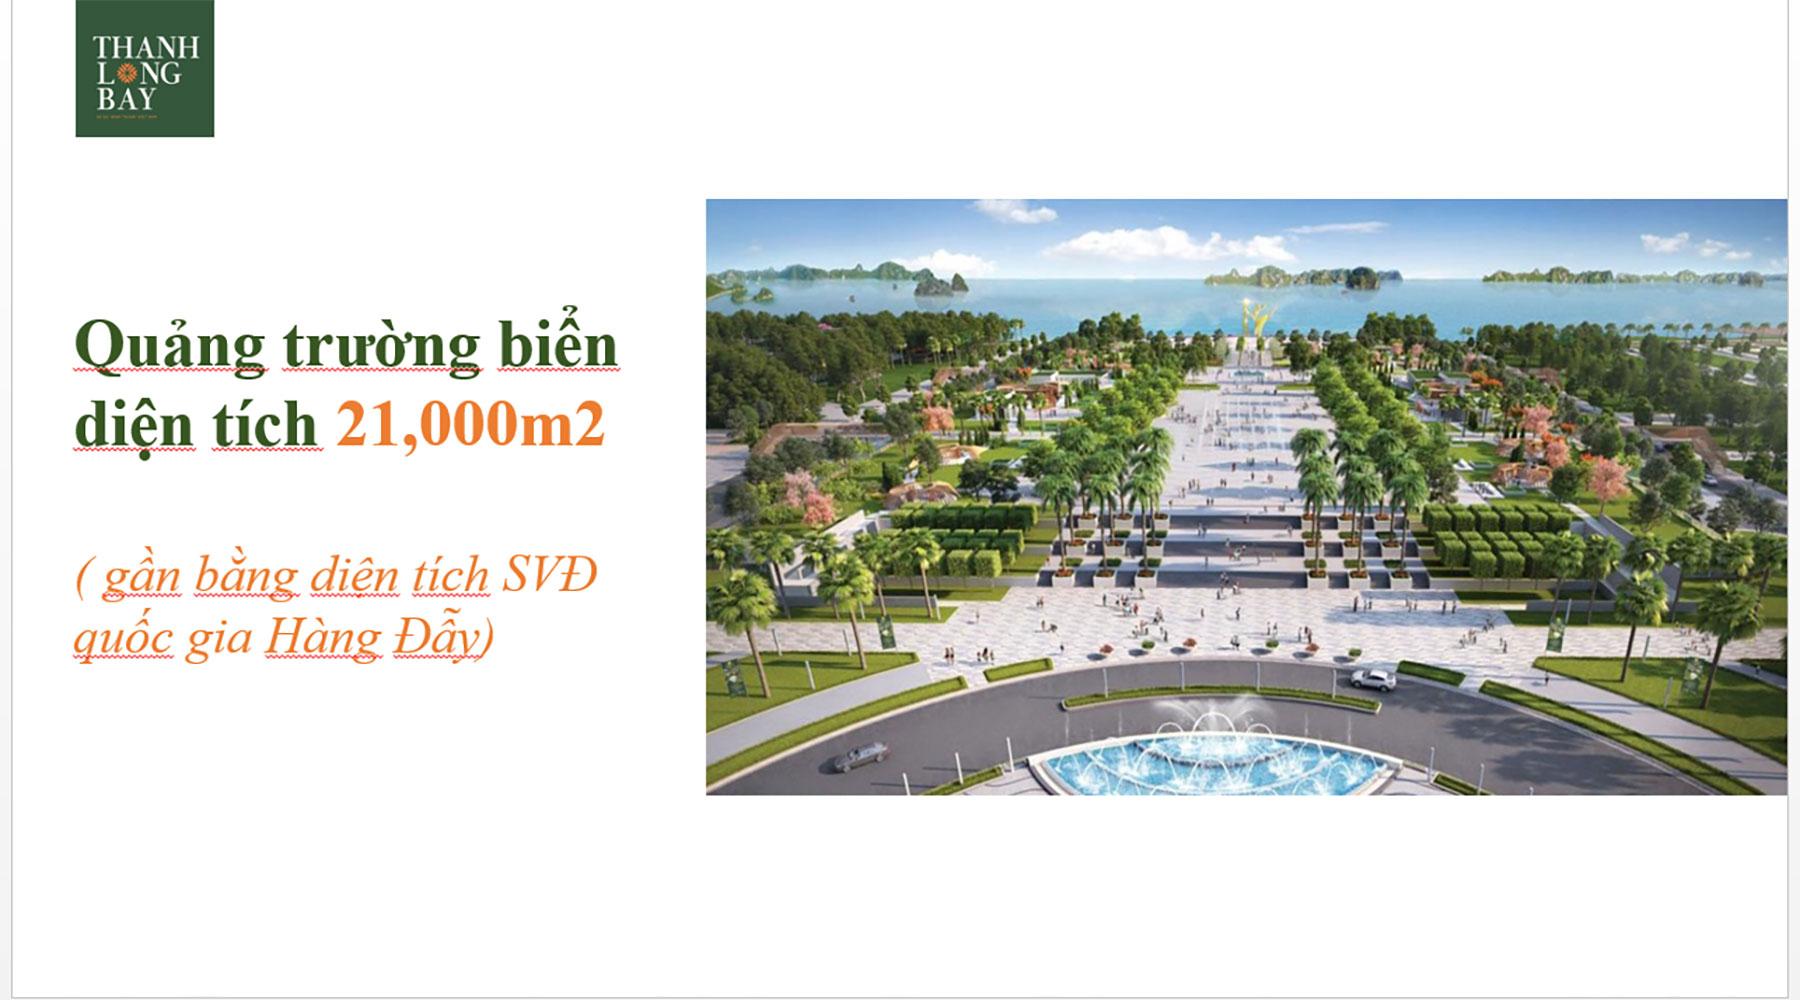 Tiện ích dự án Thanh Long Bay hình 01